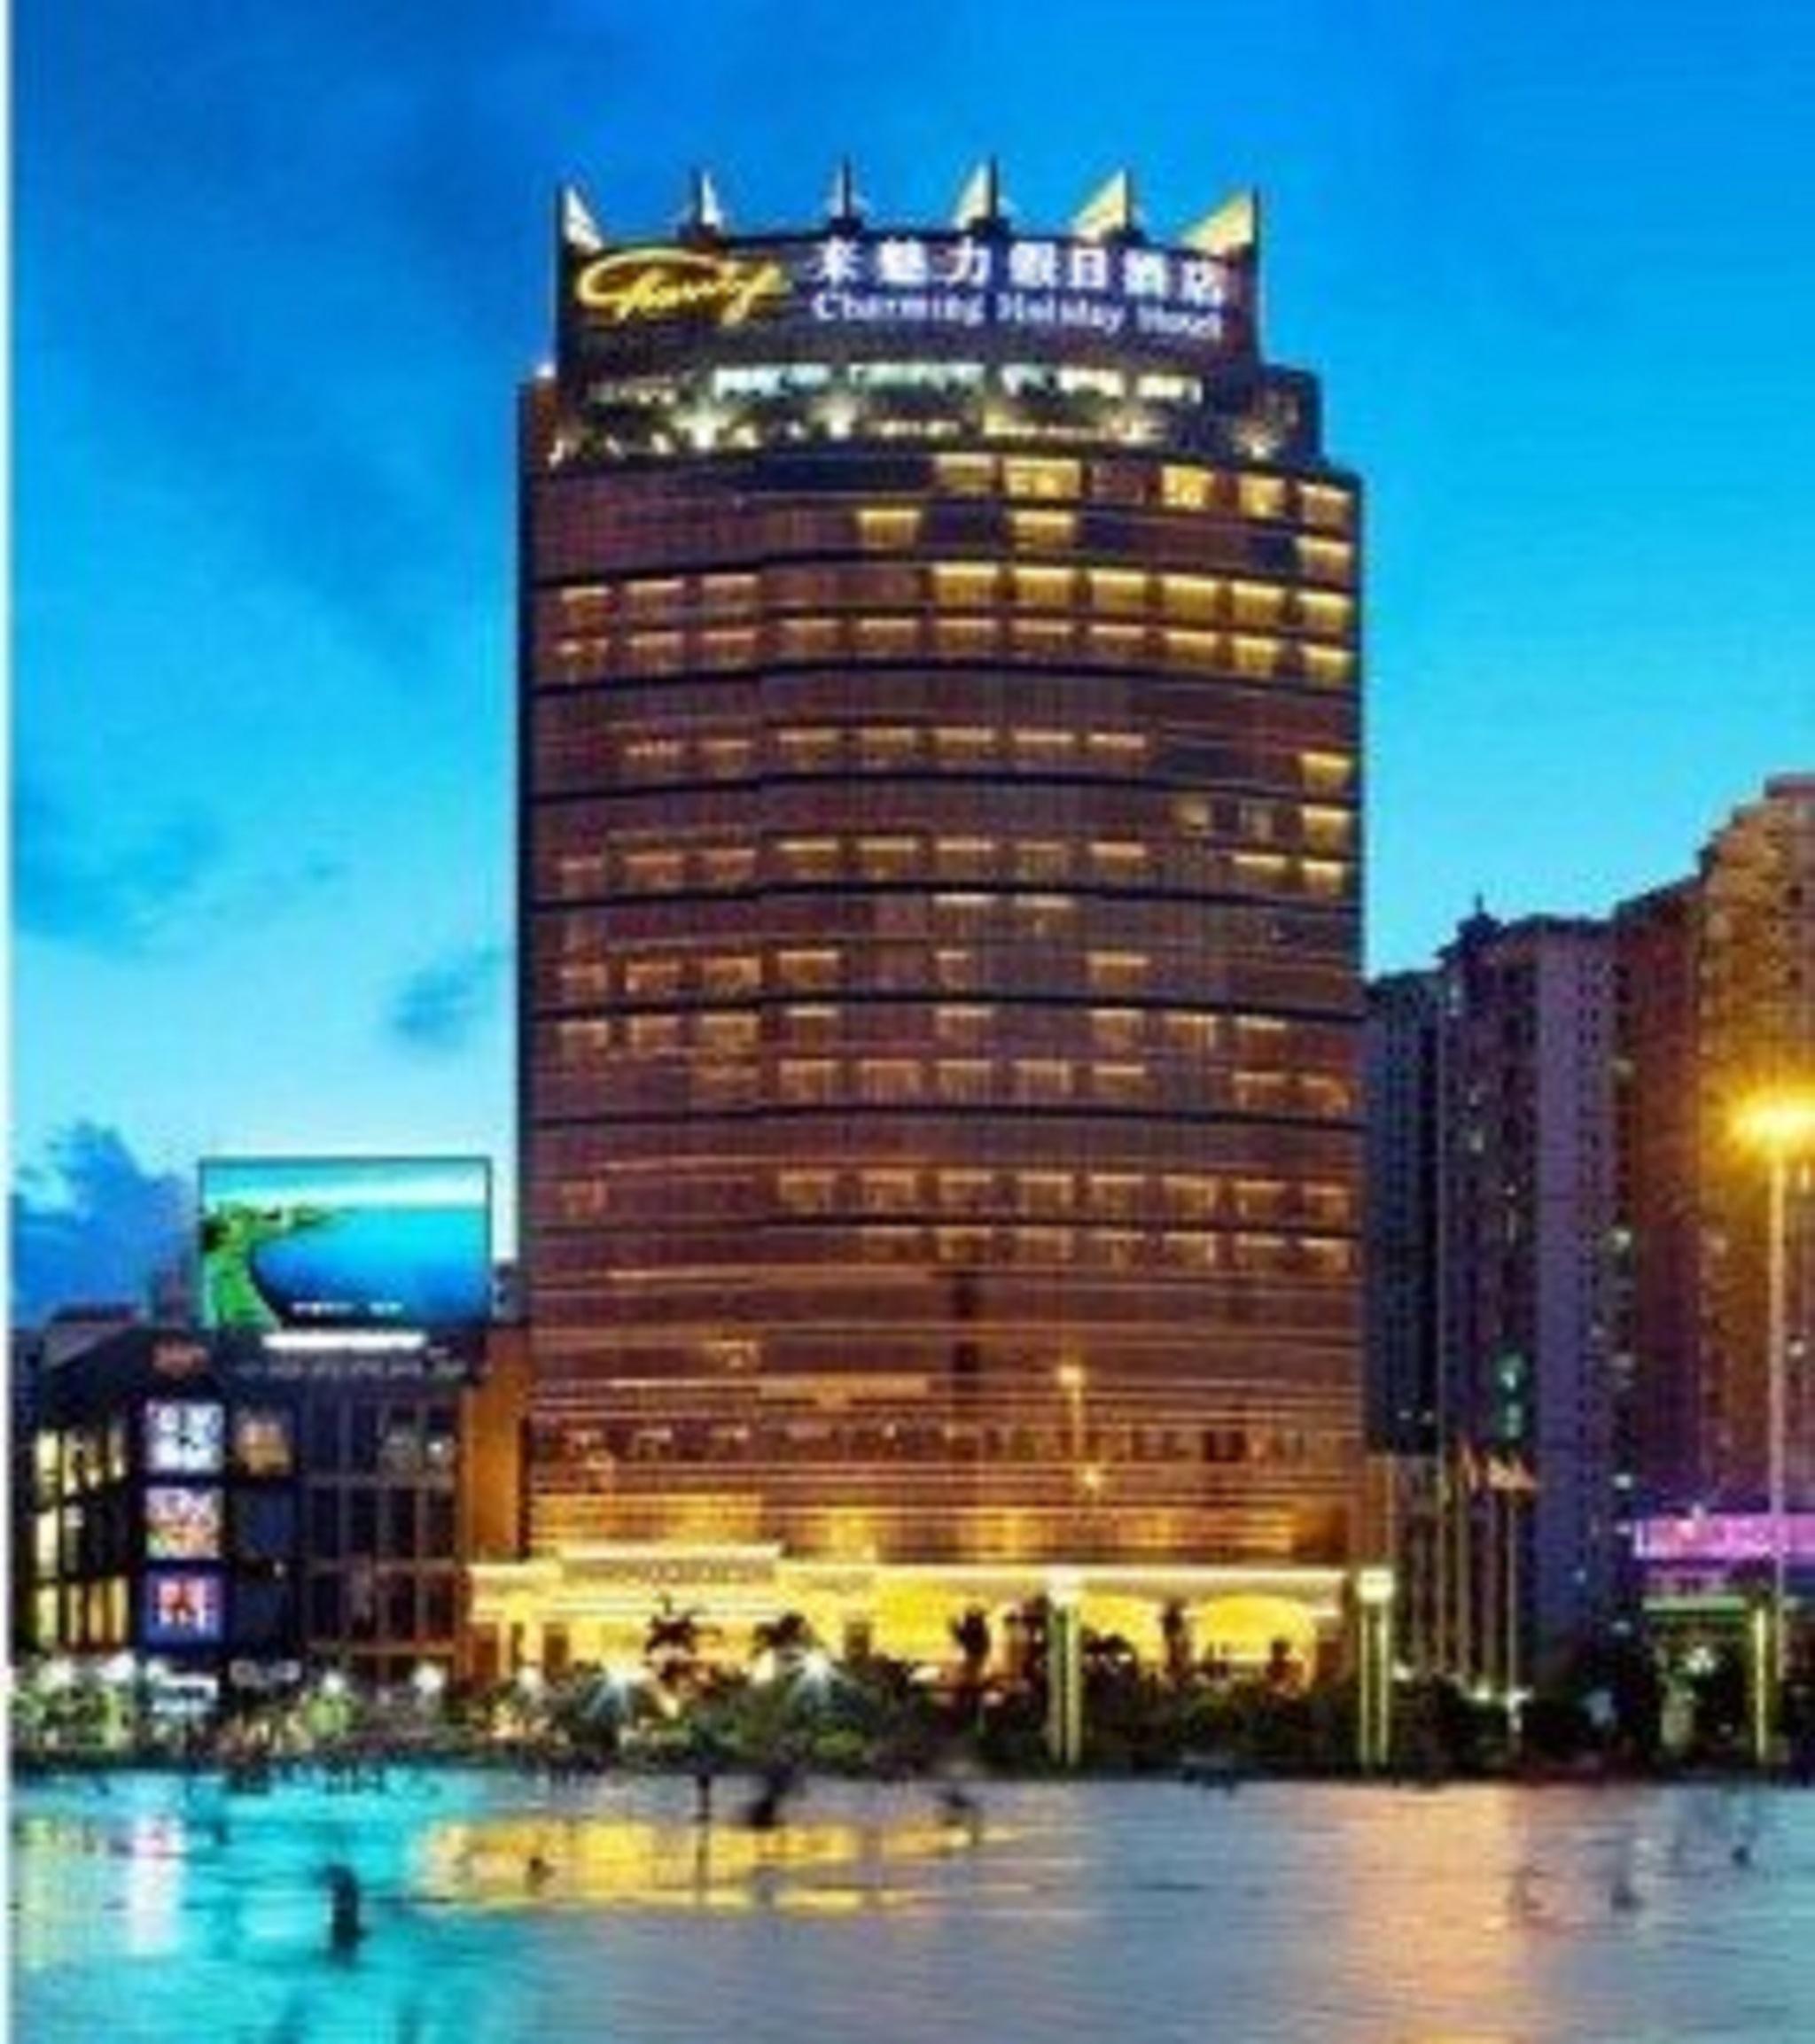 Charming Holiday Hotel, Zhuhai